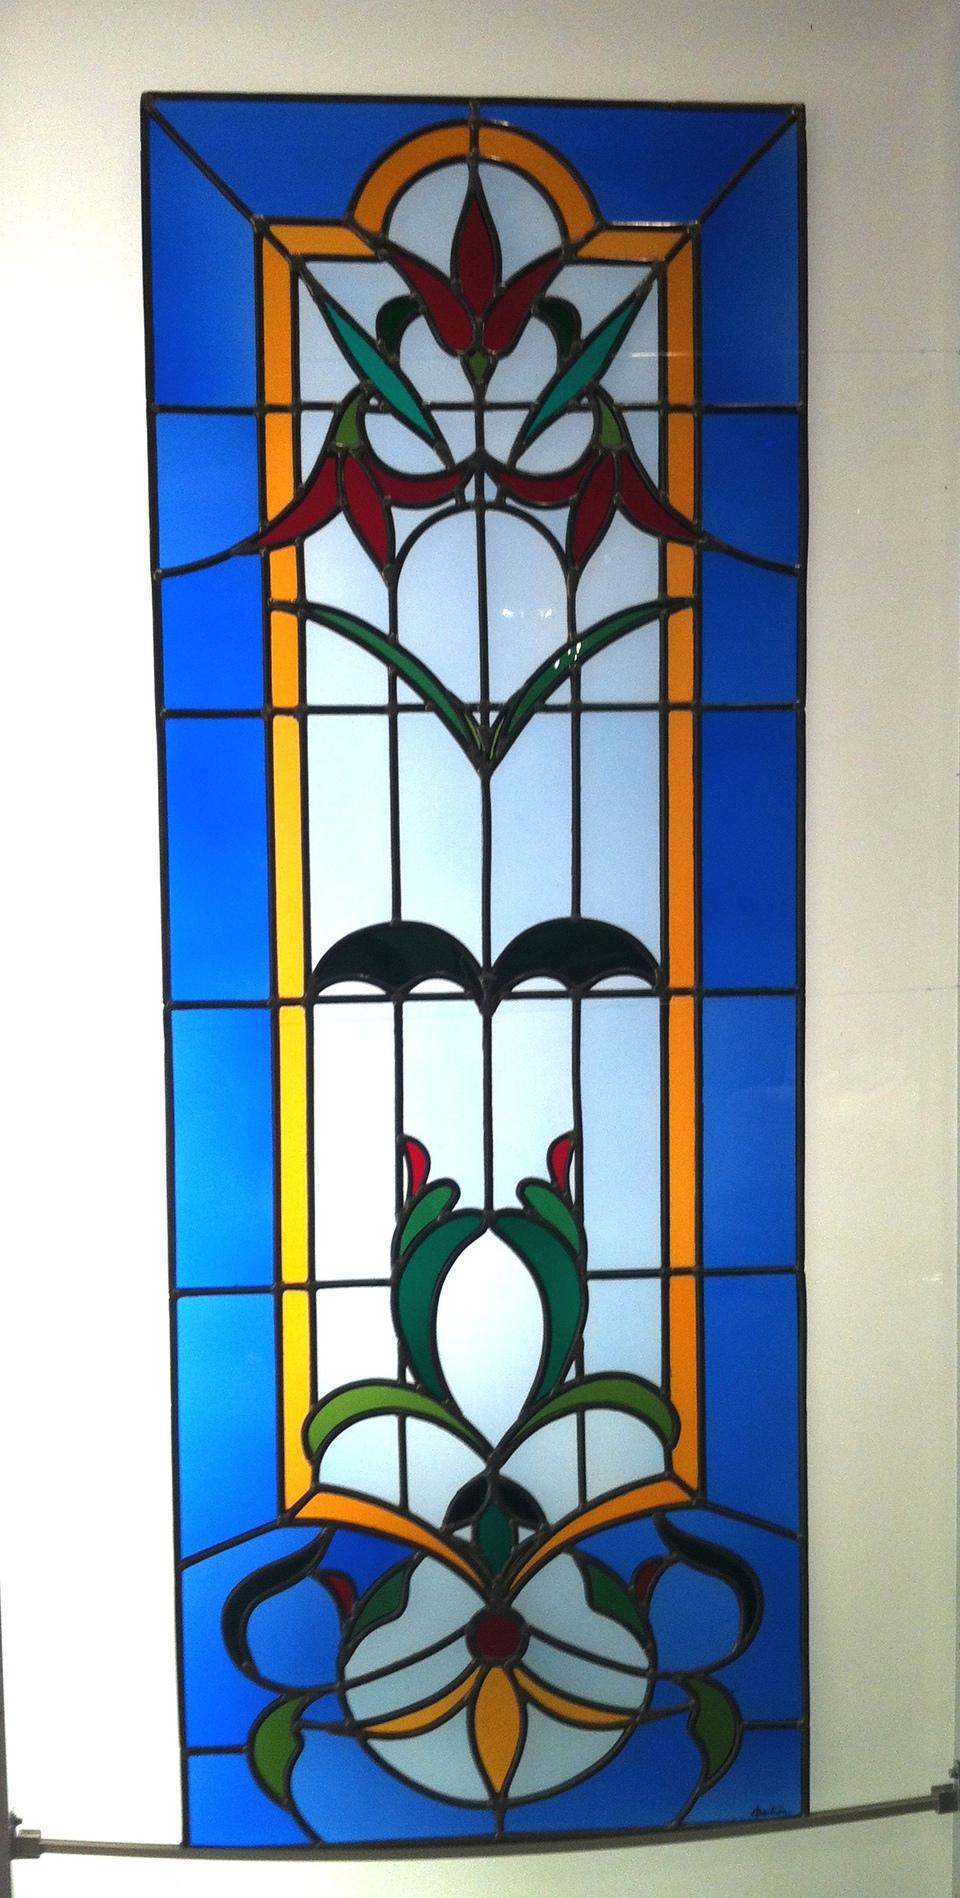 Art vitrail cr ation fleurs v g taux couleur transparence for Art nouveau fenetre